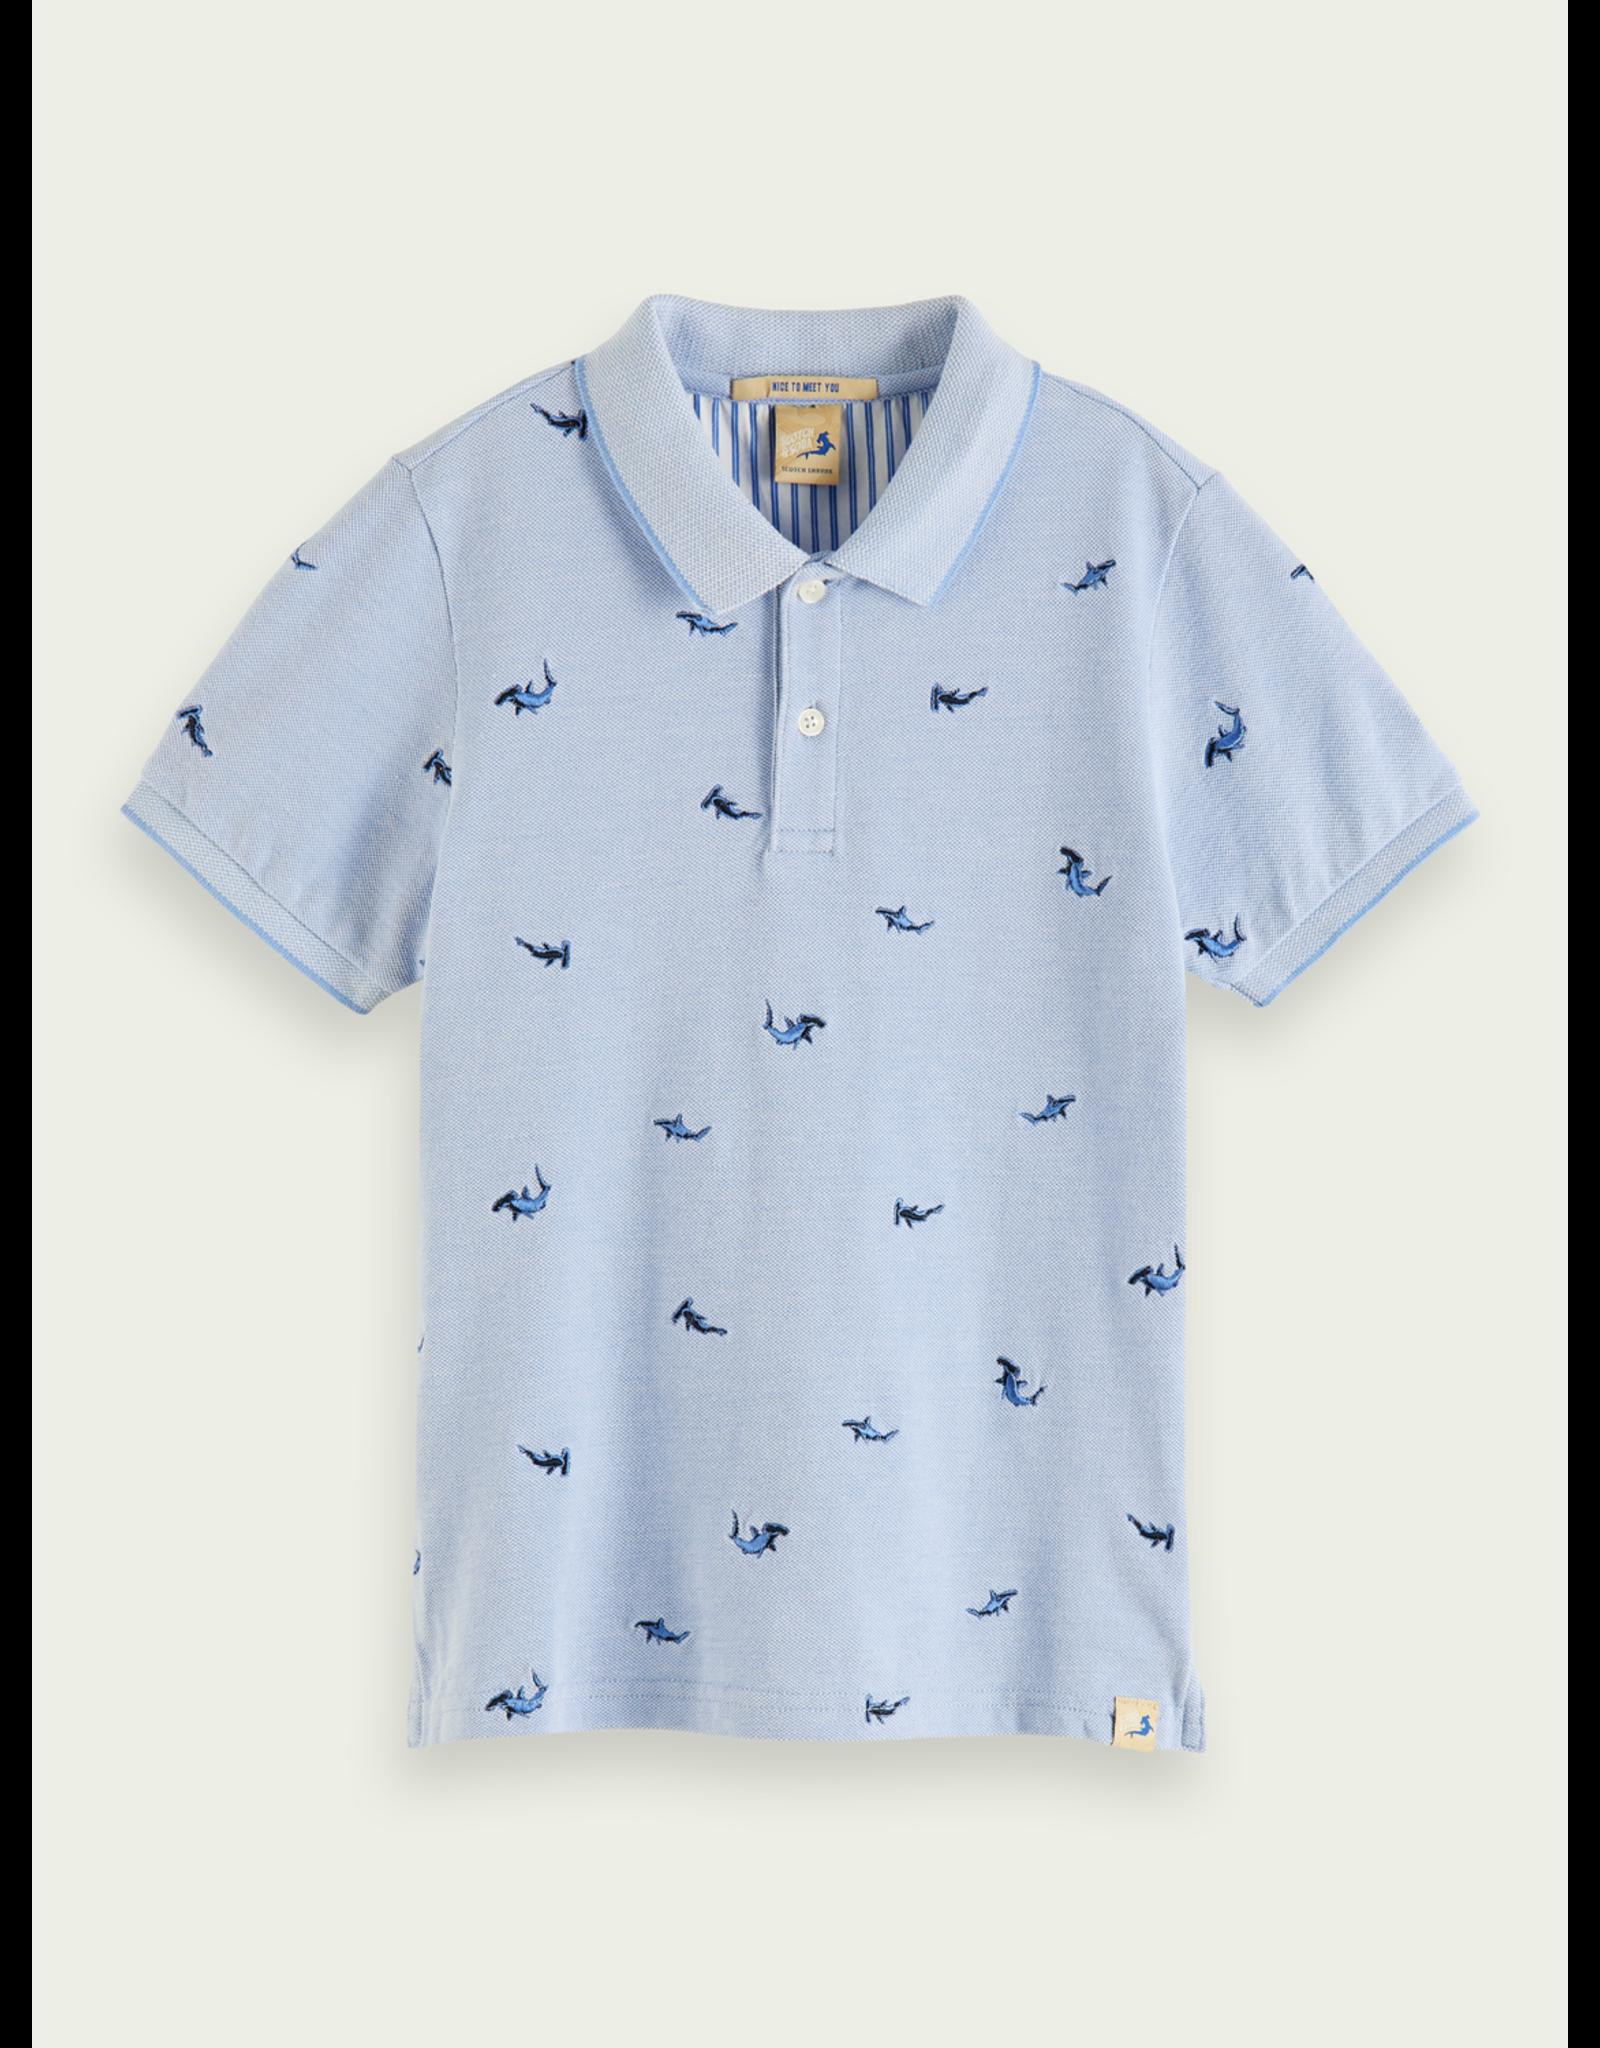 Scotch & Soda S&S polo blauw haaien